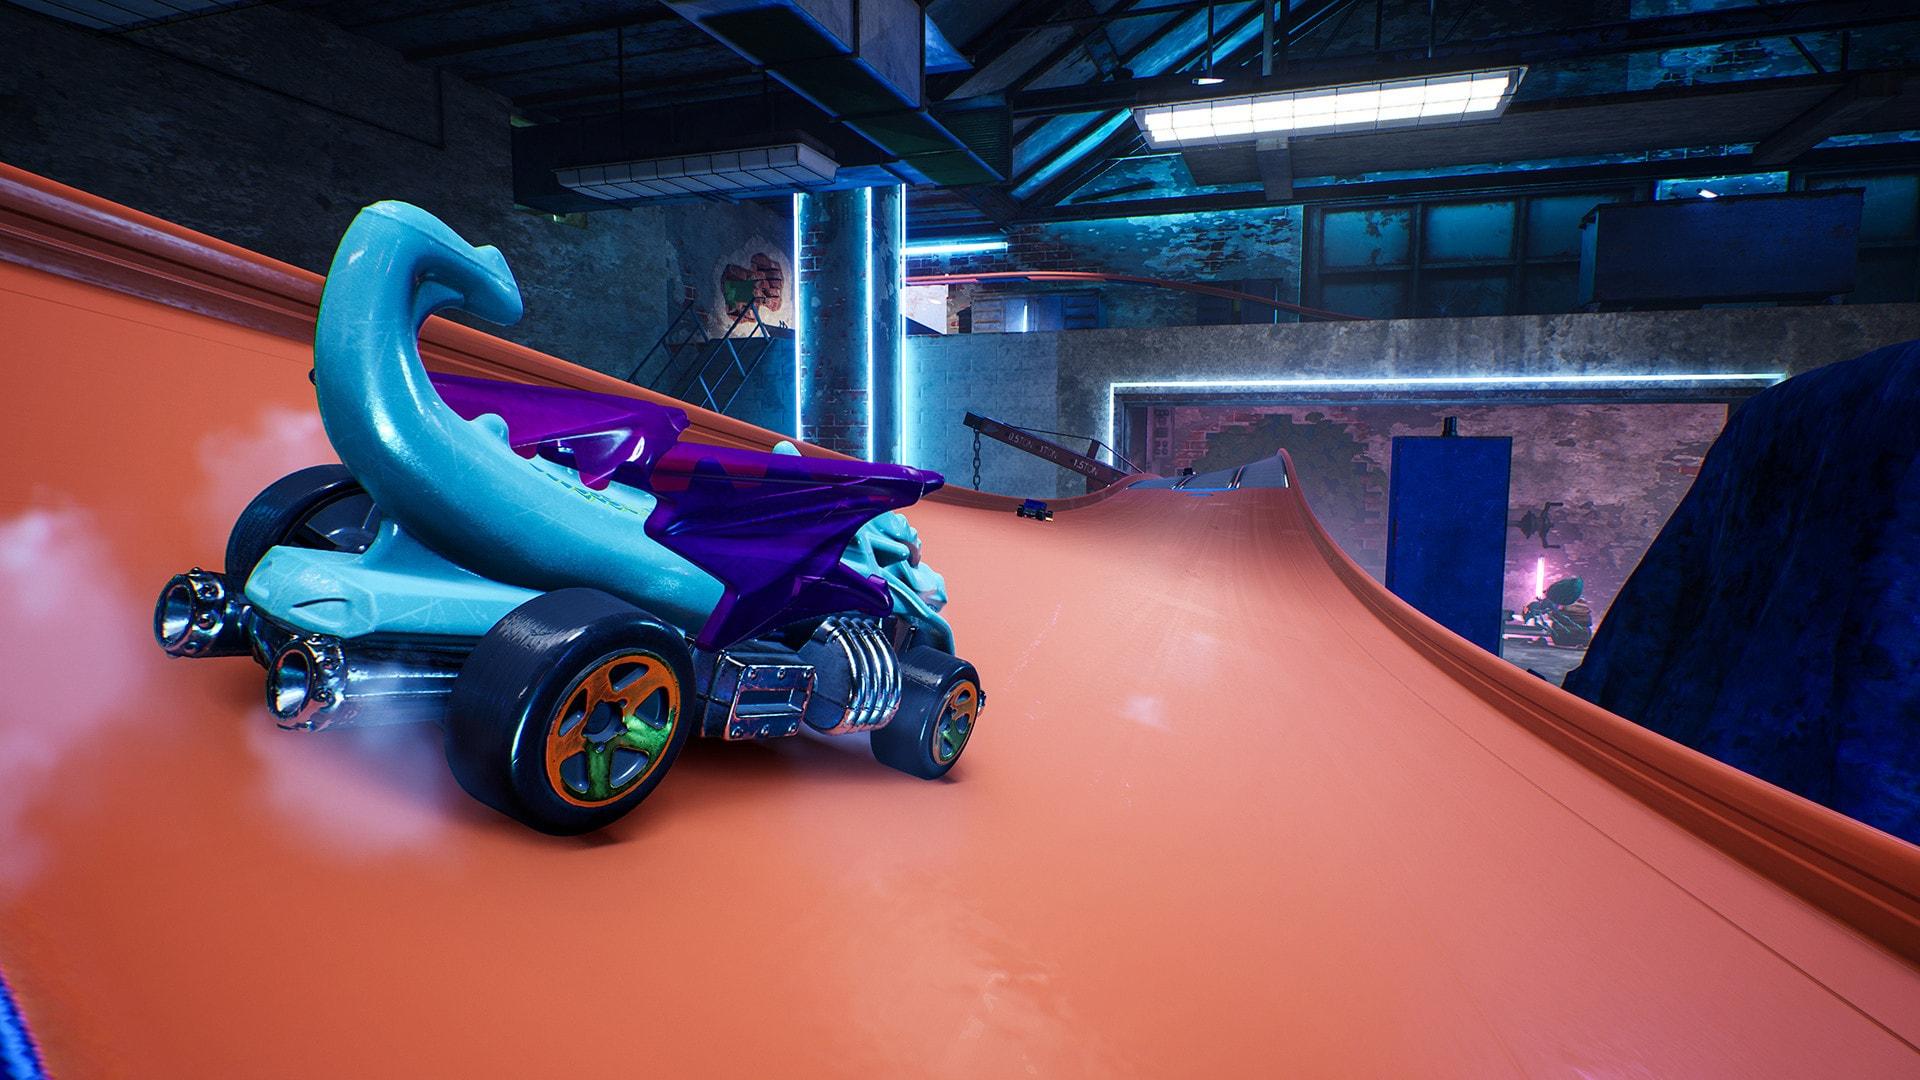 Hot Wheels Unleashed (Xbox One) - Xbox Live Key - UNITED STATES - 4